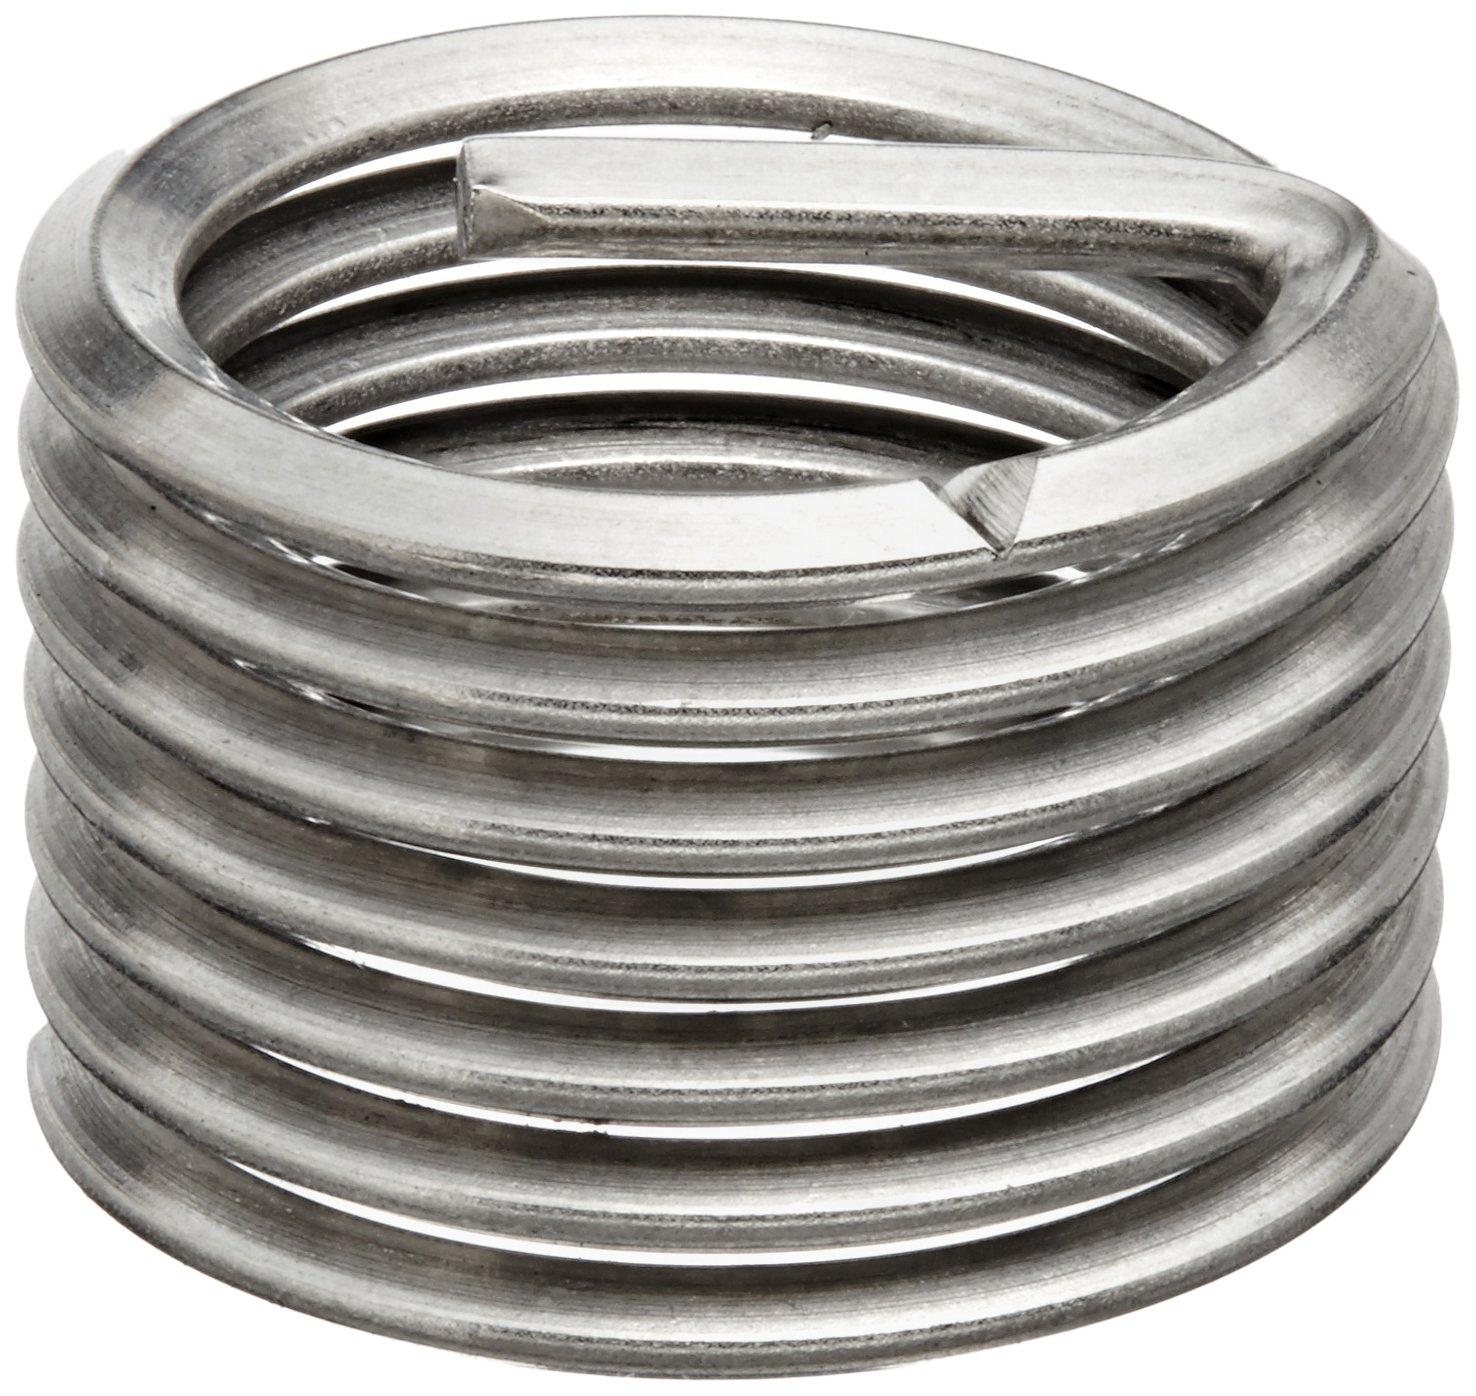 E-Z Lok Threaded Insert, 18-8 Stainless Steel, Helical, M3-0.5 Internal Threads, 3mm Length (Pack of 10)